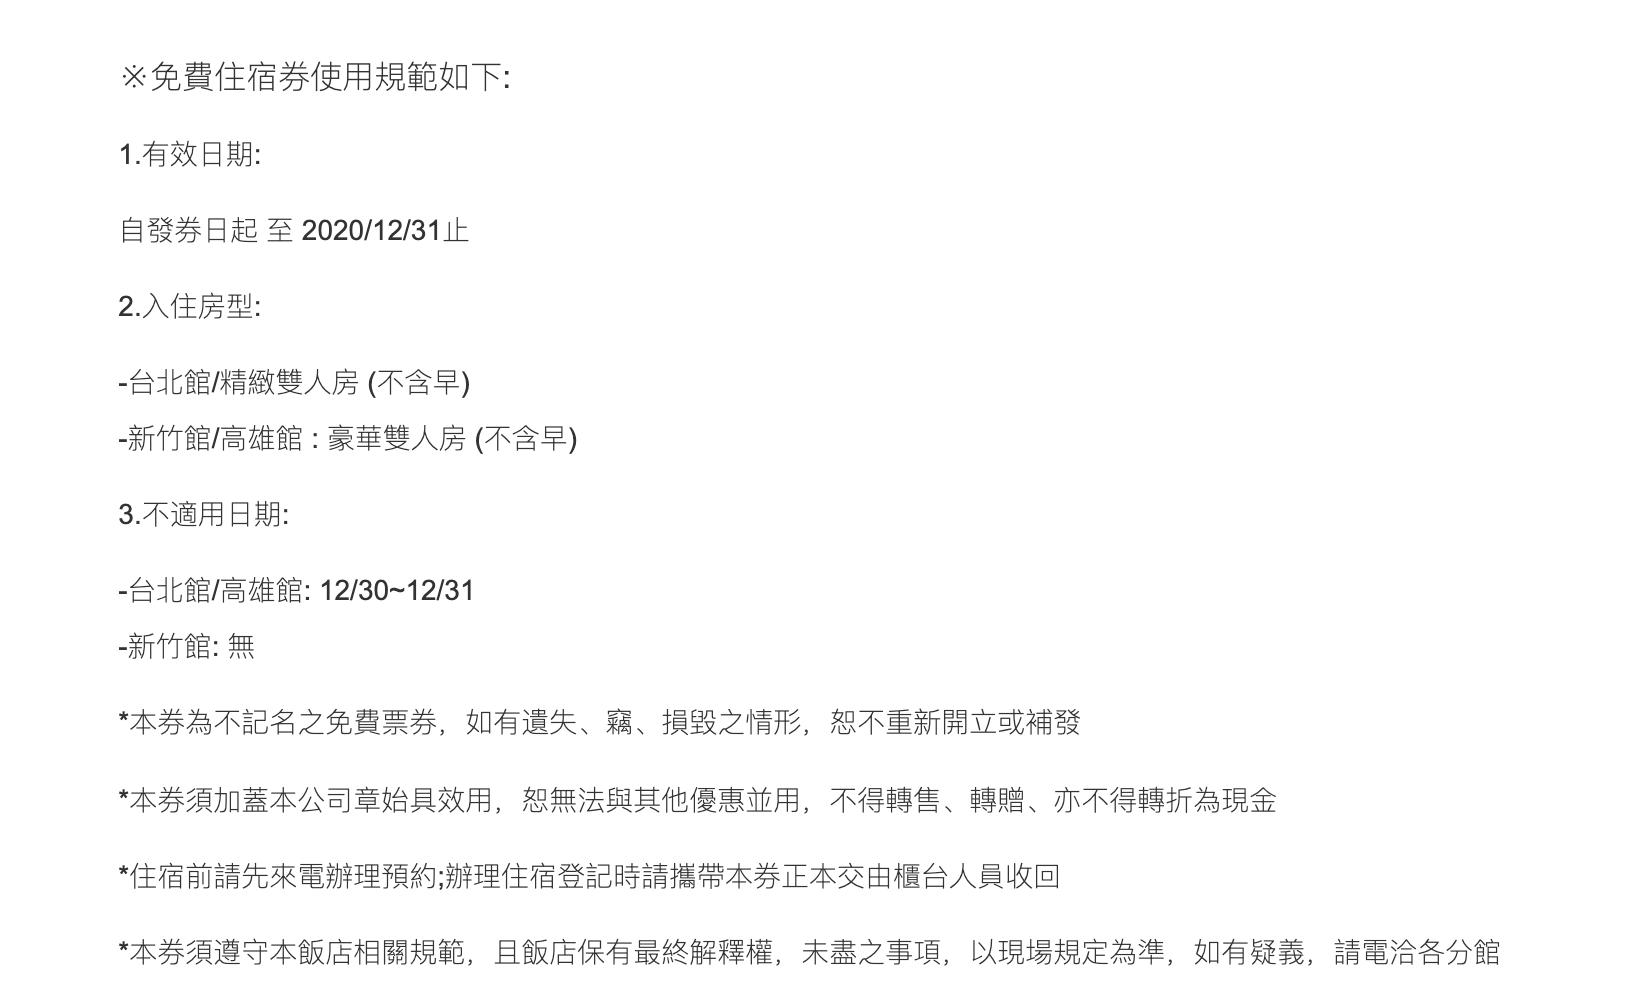 台北國賓雙城遊,3600入住兩間!小資族五星計畫~另一間可住台北高雄新竹館~